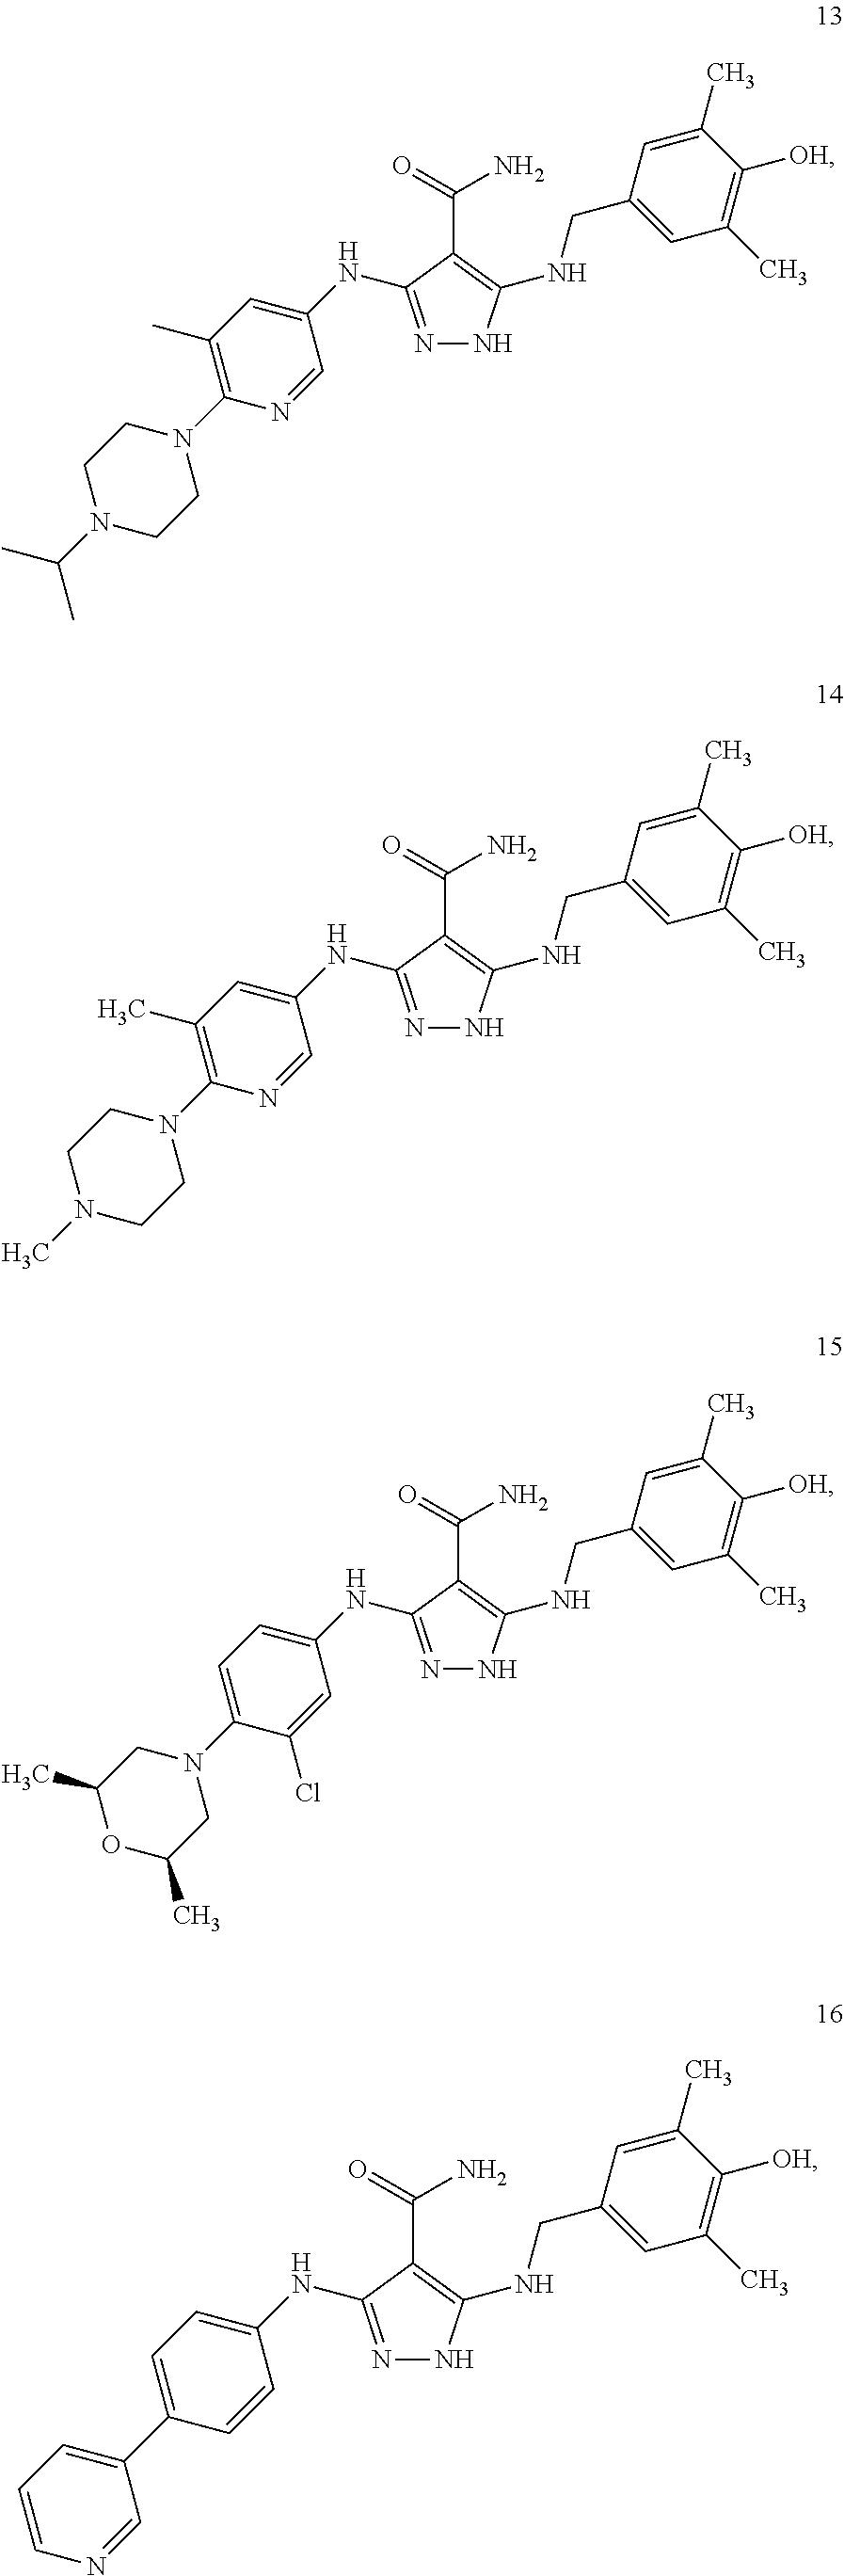 Figure US09730914-20170815-C00234